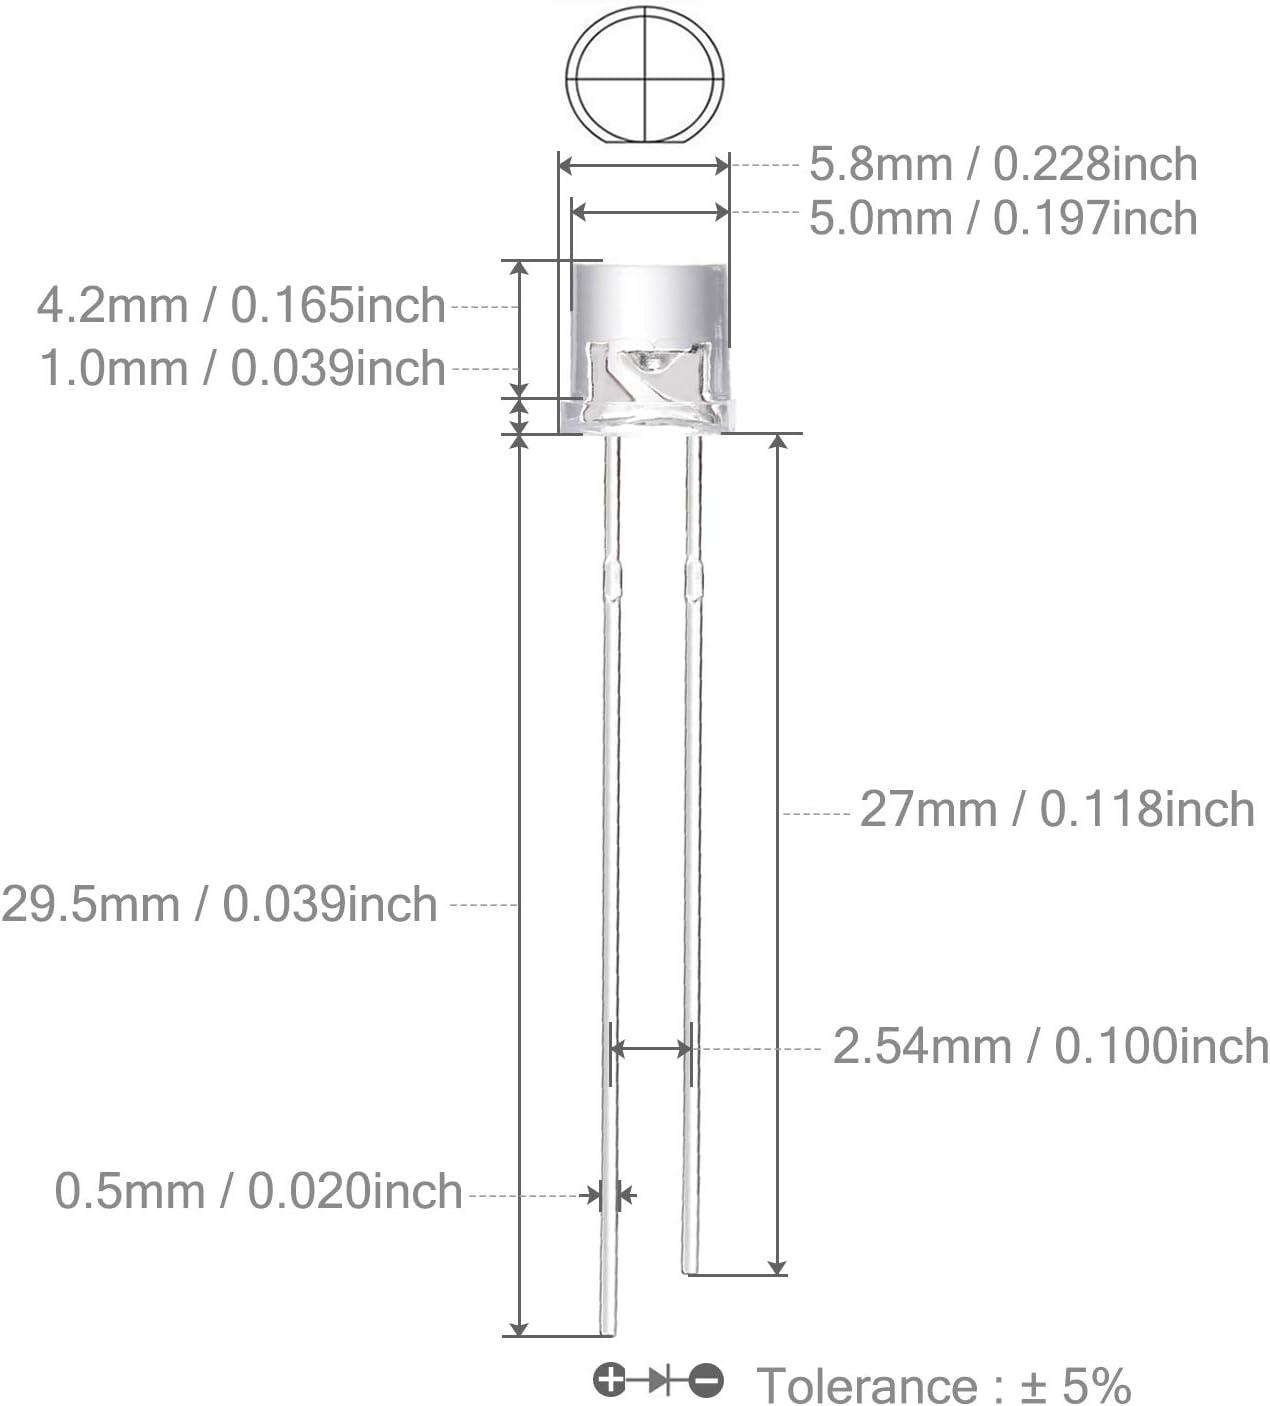 430v//100# led 5mm green cylindrical 100pcs-flat top led green 100pcs